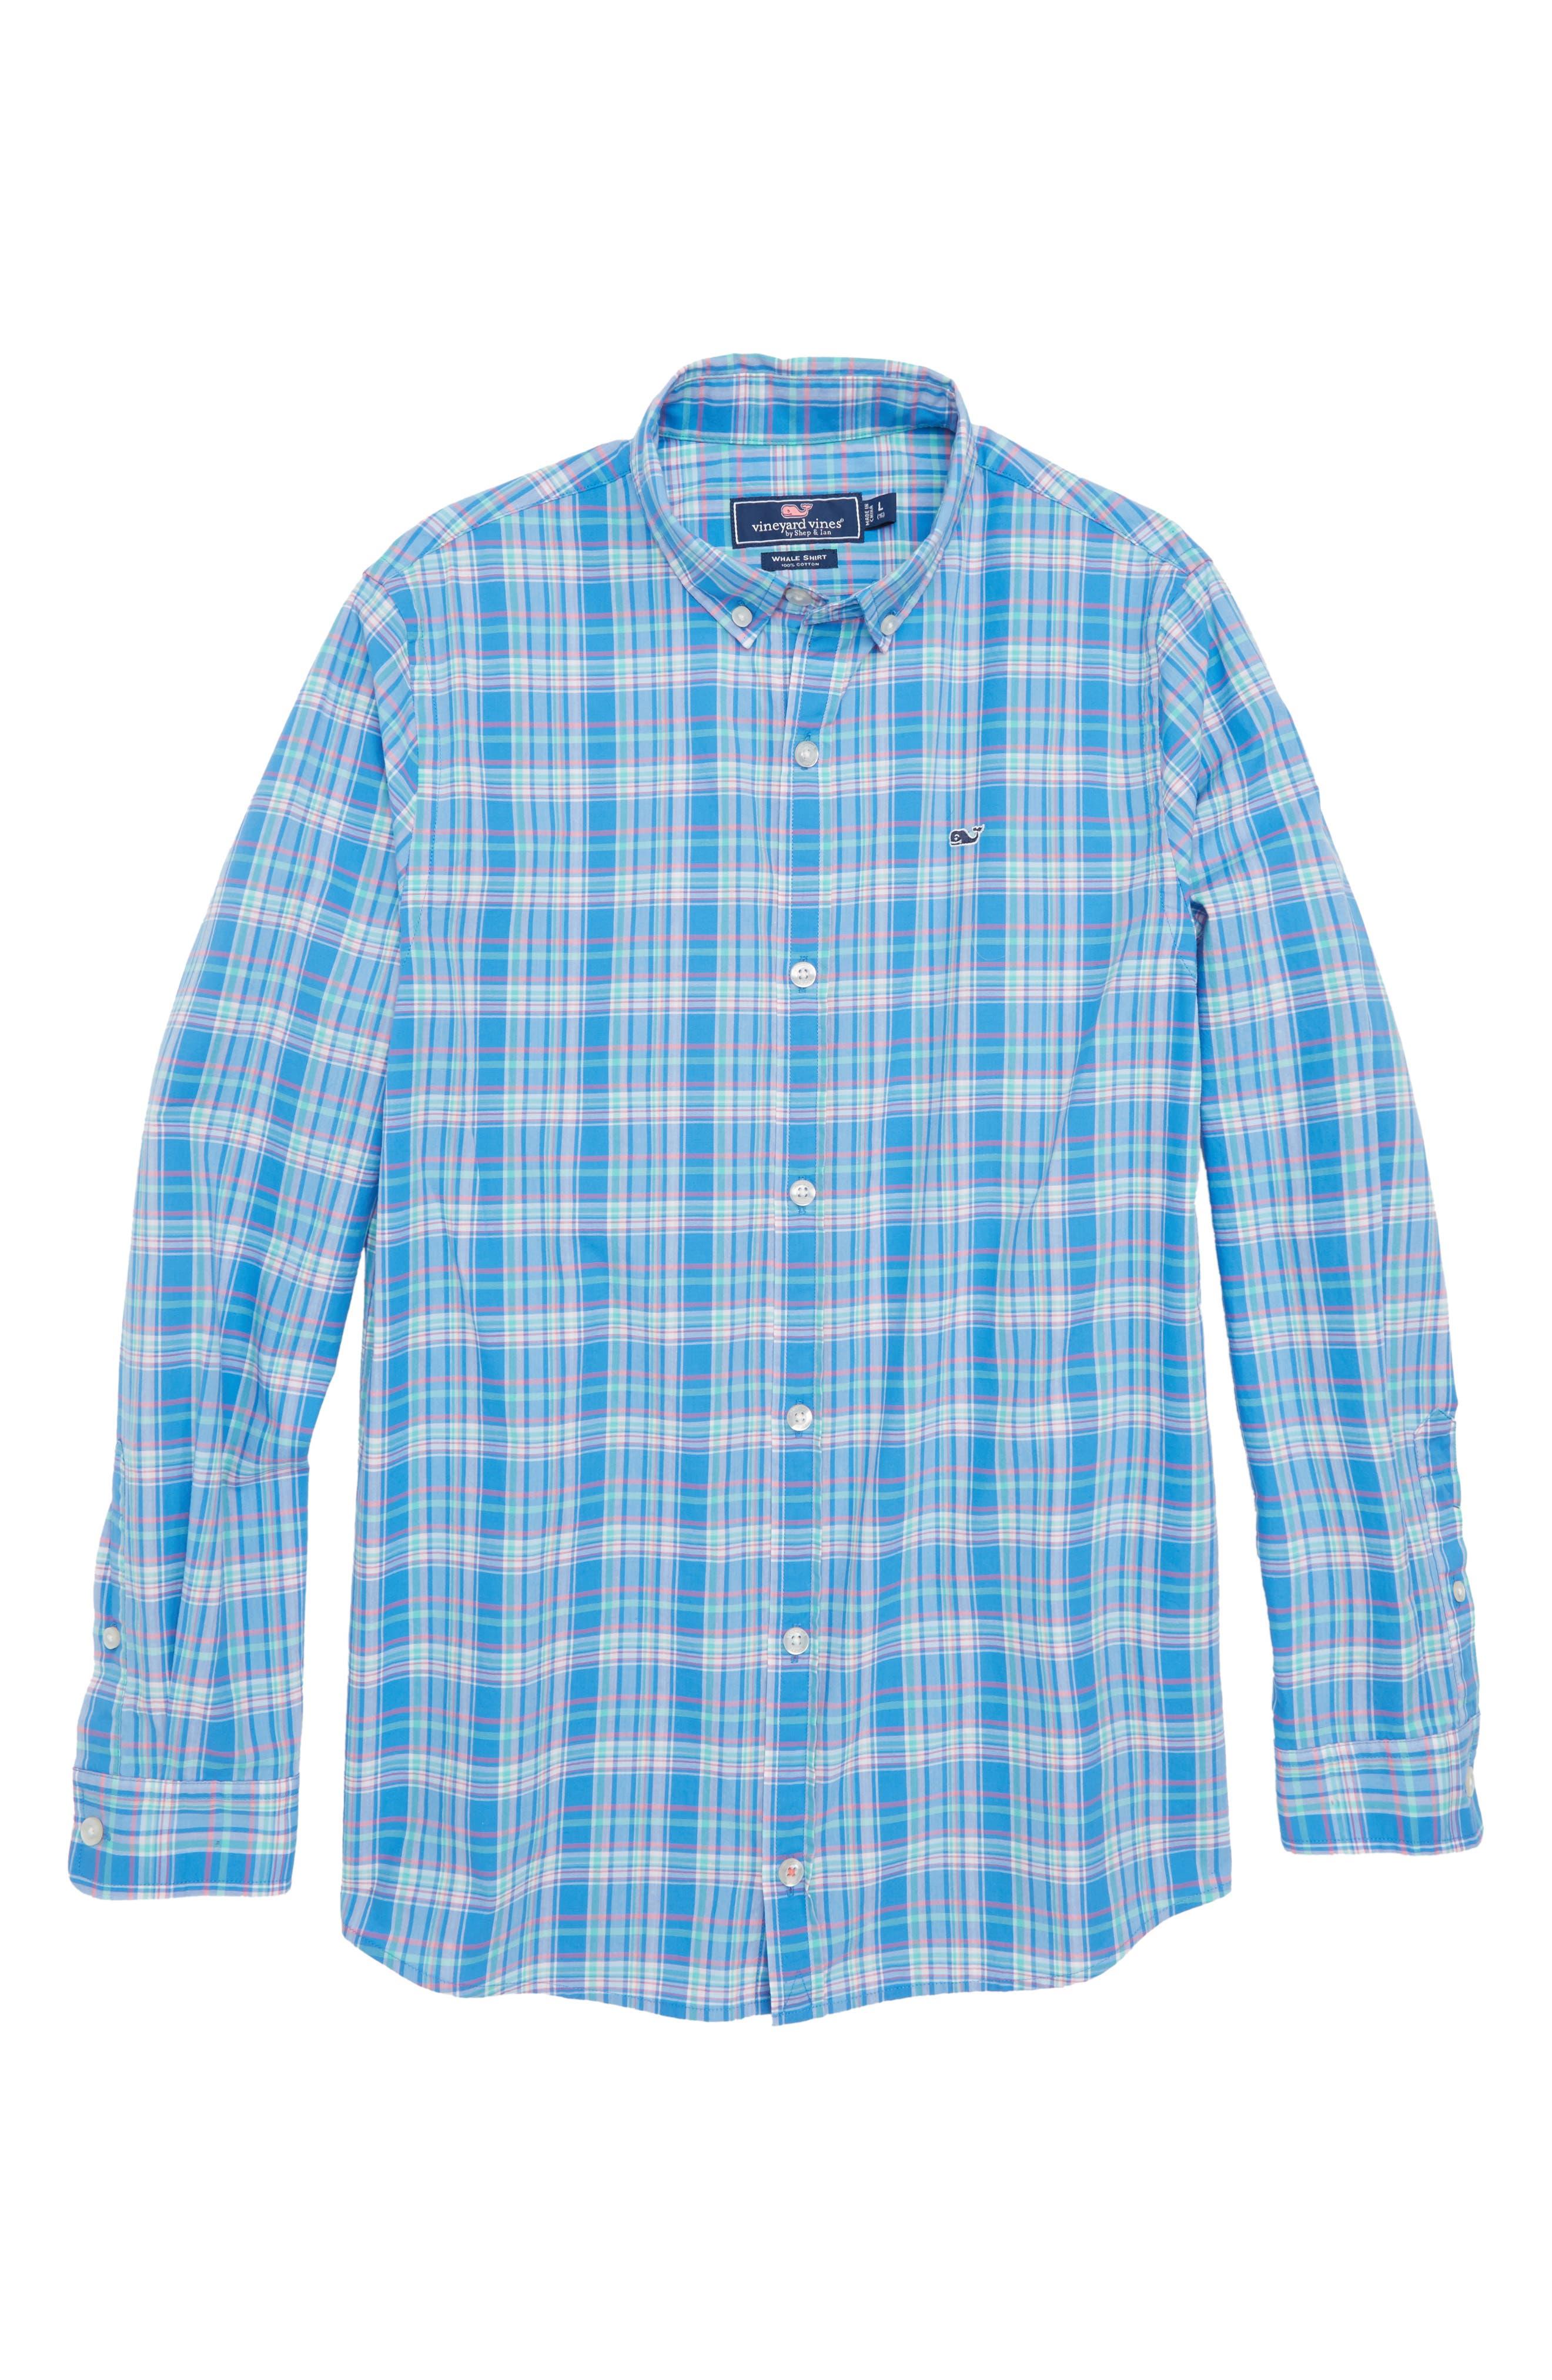 Bita Bay Plaid Shirt,                         Main,                         color, Hull Blue